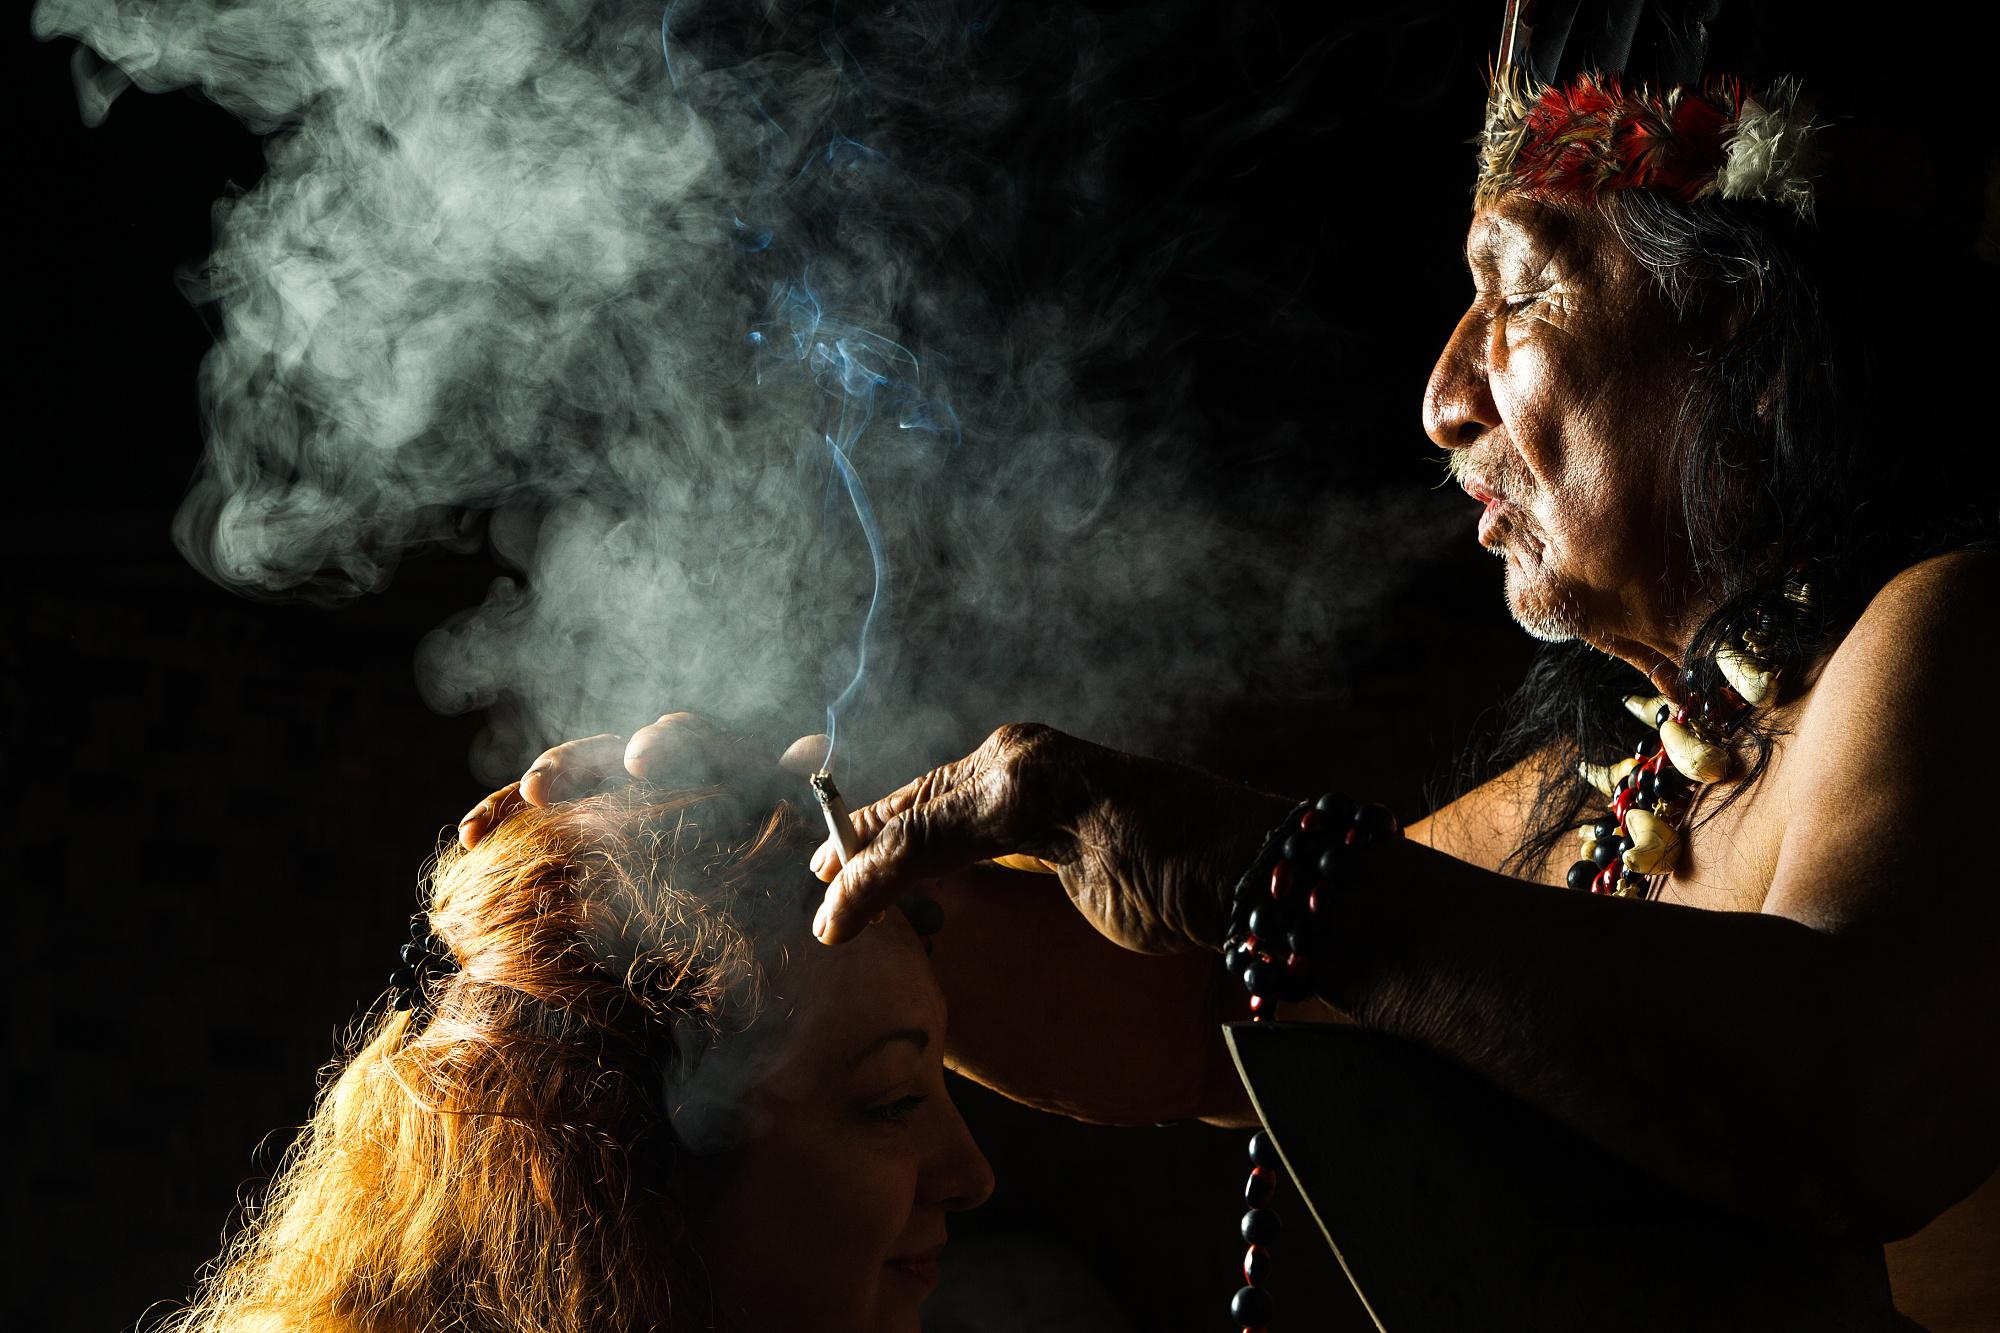 In Lateinamerika hat der psychedelisch wirkende Pflanzensud Ayahuasca den Weg aus dem Regenwald in die Suchttherapie gefunden.